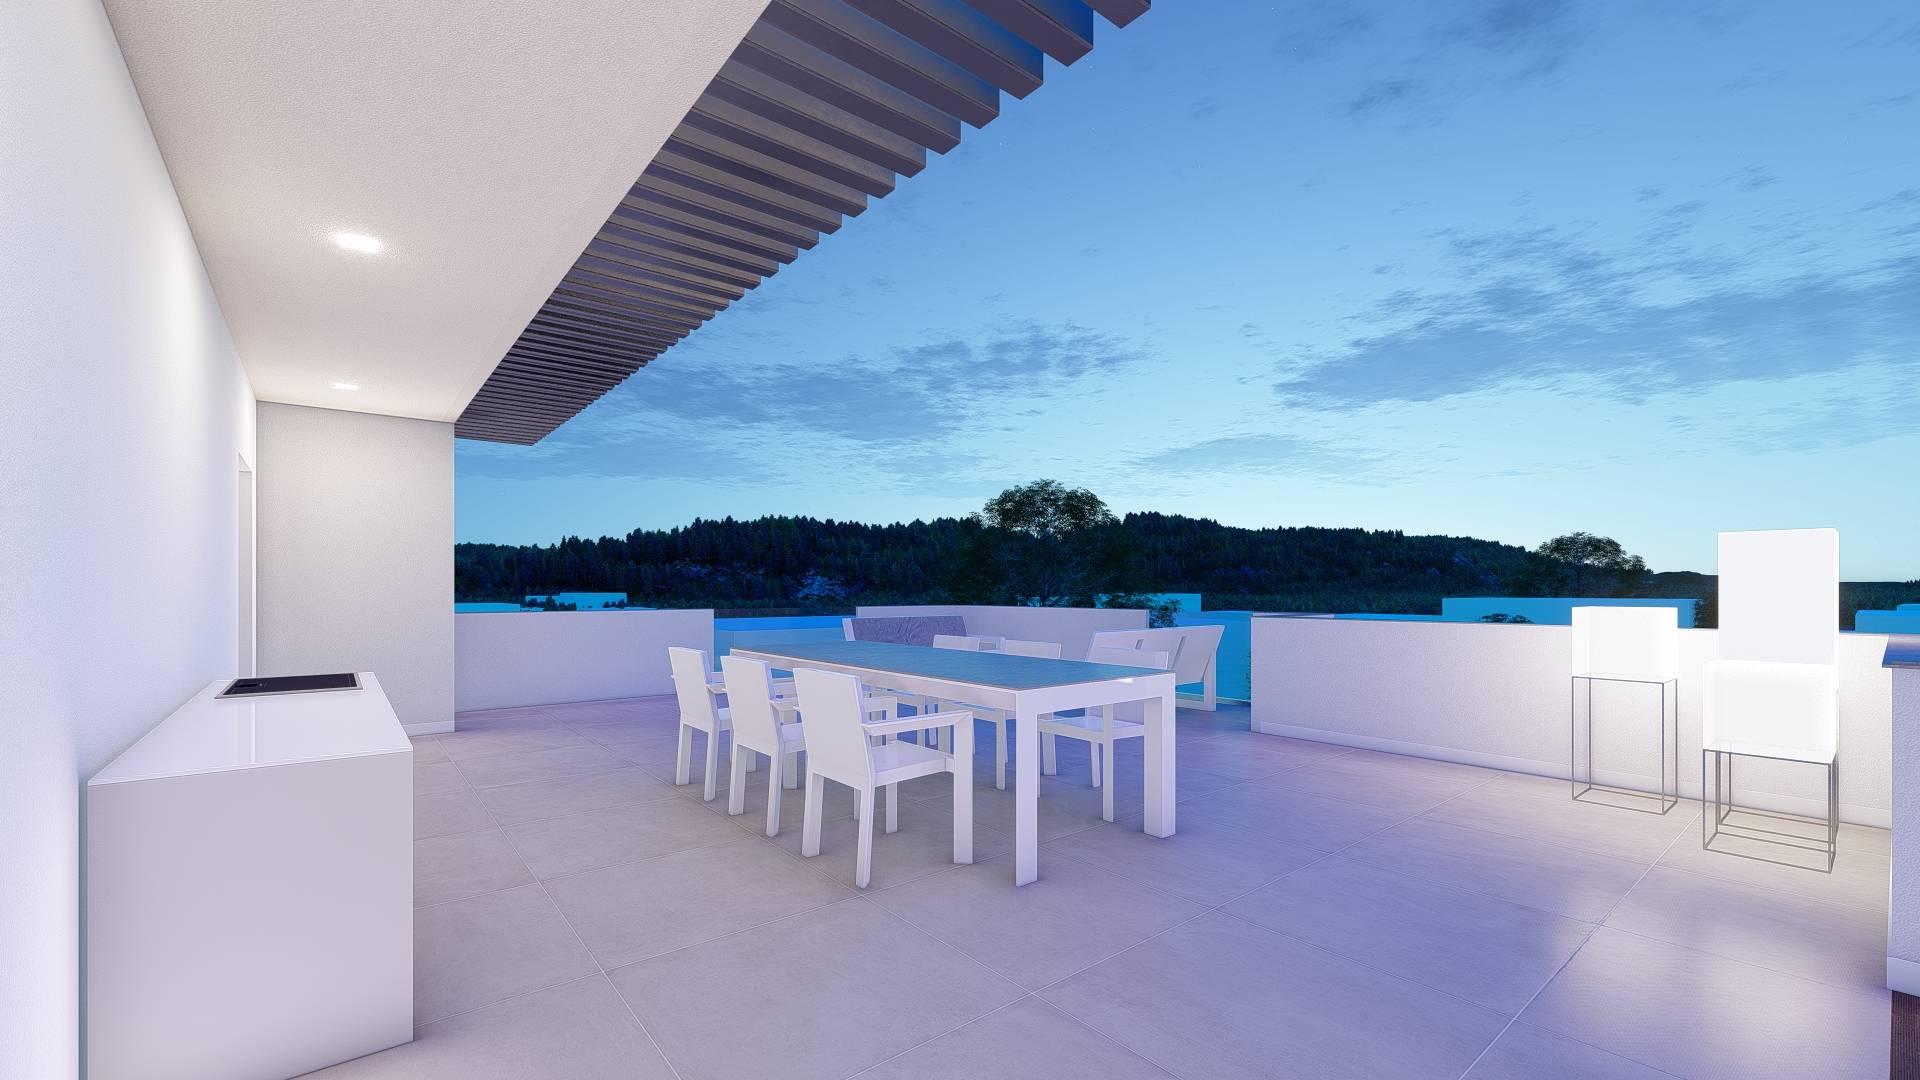 Appartamento in vendita a Nola, 3 locali, prezzo € 210.000 | PortaleAgenzieImmobiliari.it